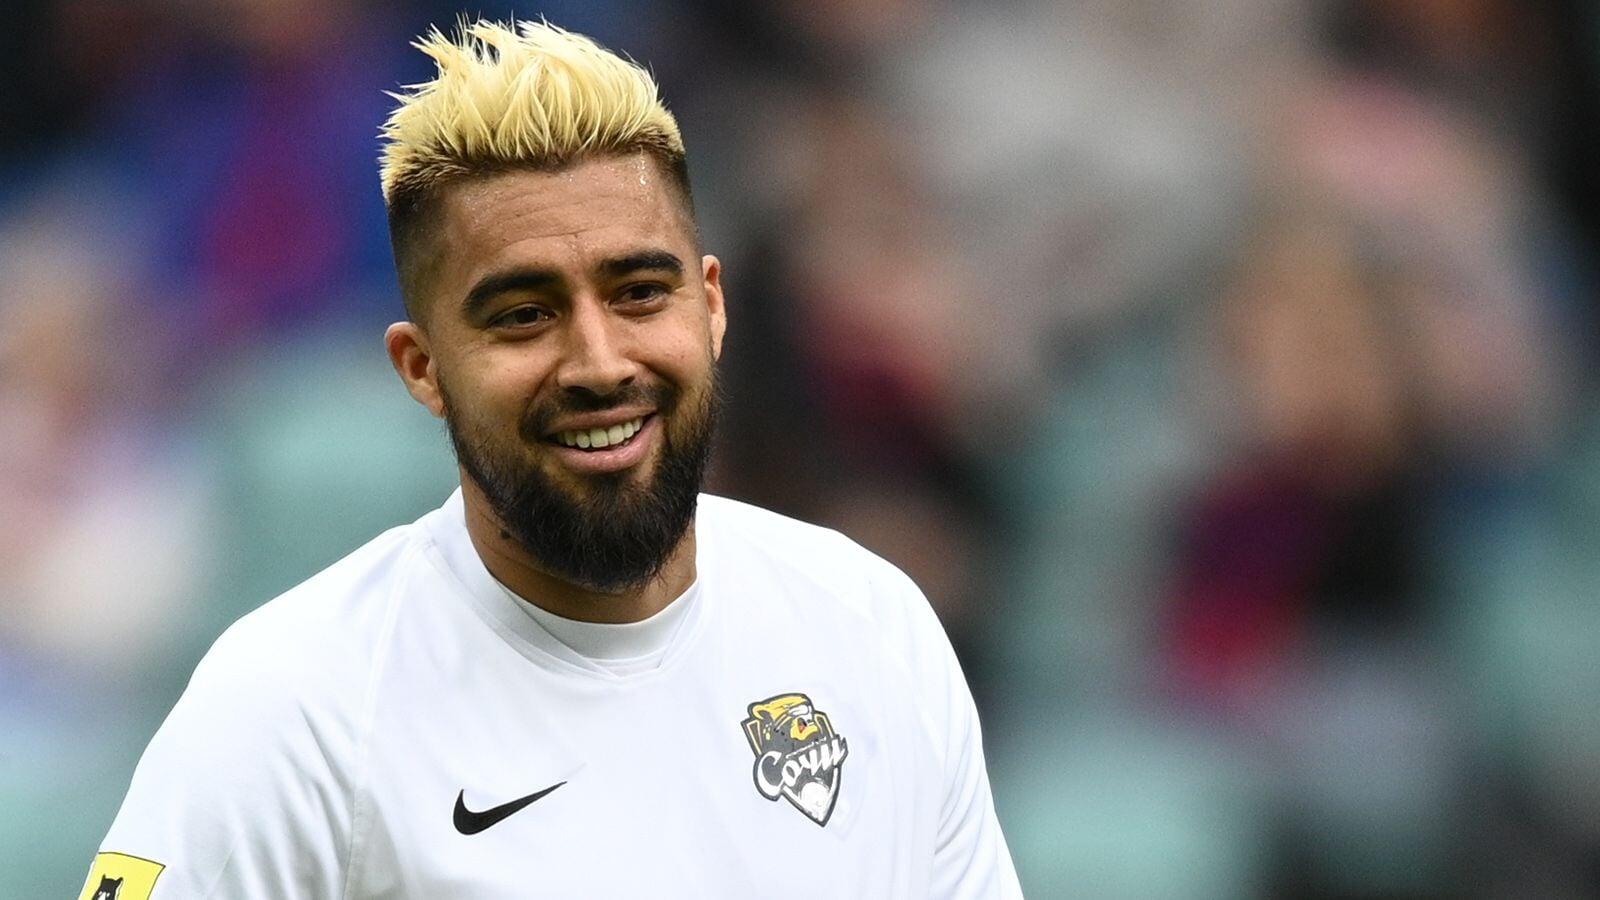 «Сочи» разгромил «Кешлю» в своем первом еврокубковом матче – 3:0. У Нобоа гол и две передачи